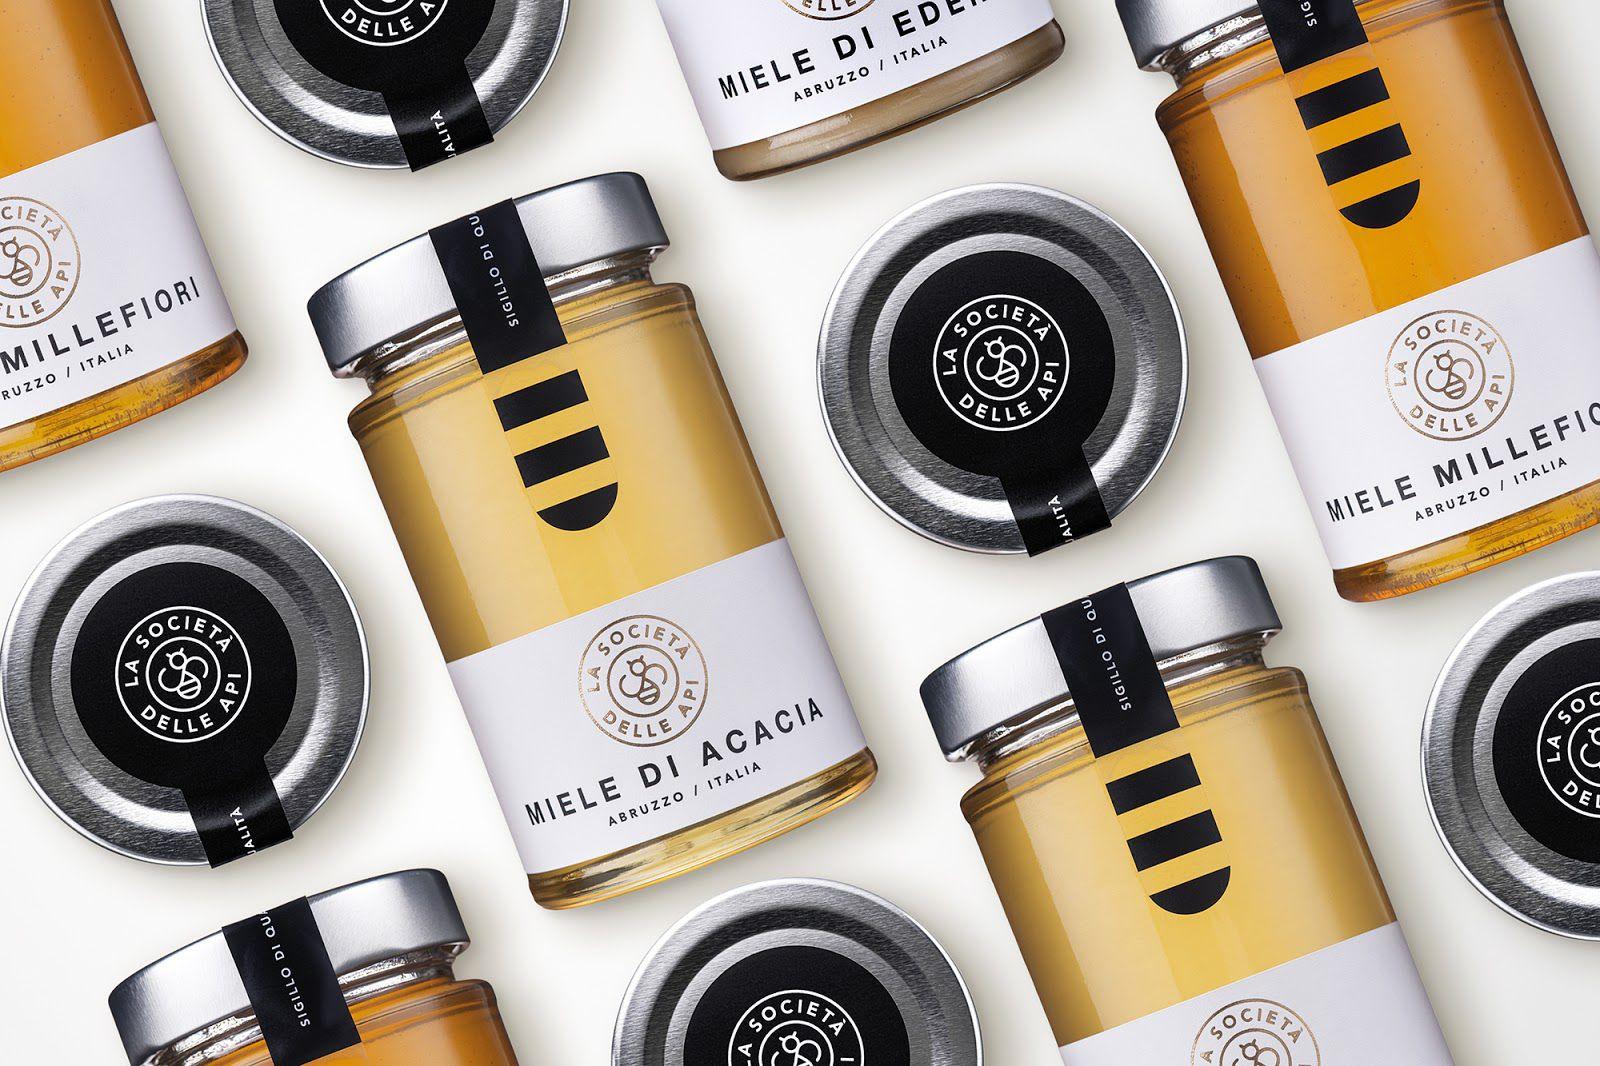 La Società delle Api (miel) I Design : Concept Store, Italie (février 2020)